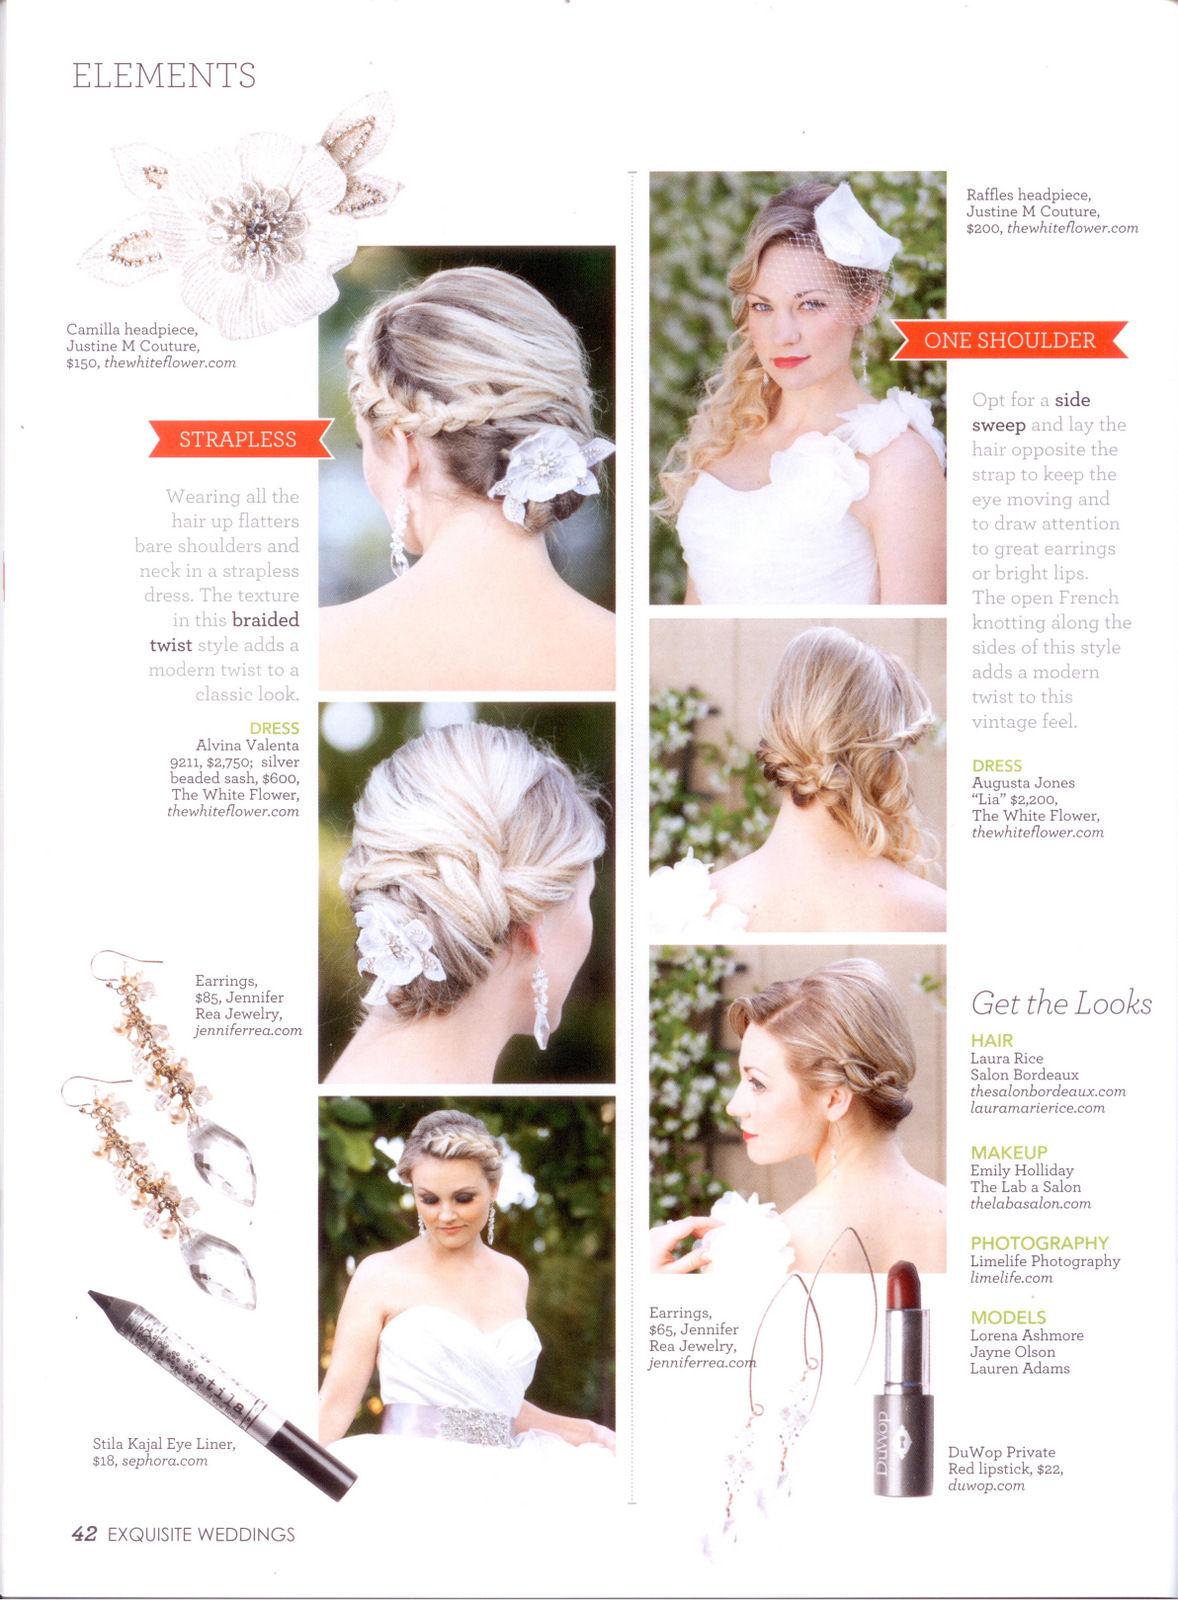 Exquisite Weddings Mag - Dec 2012 Jan 2013 Camila Flower etc.jpg